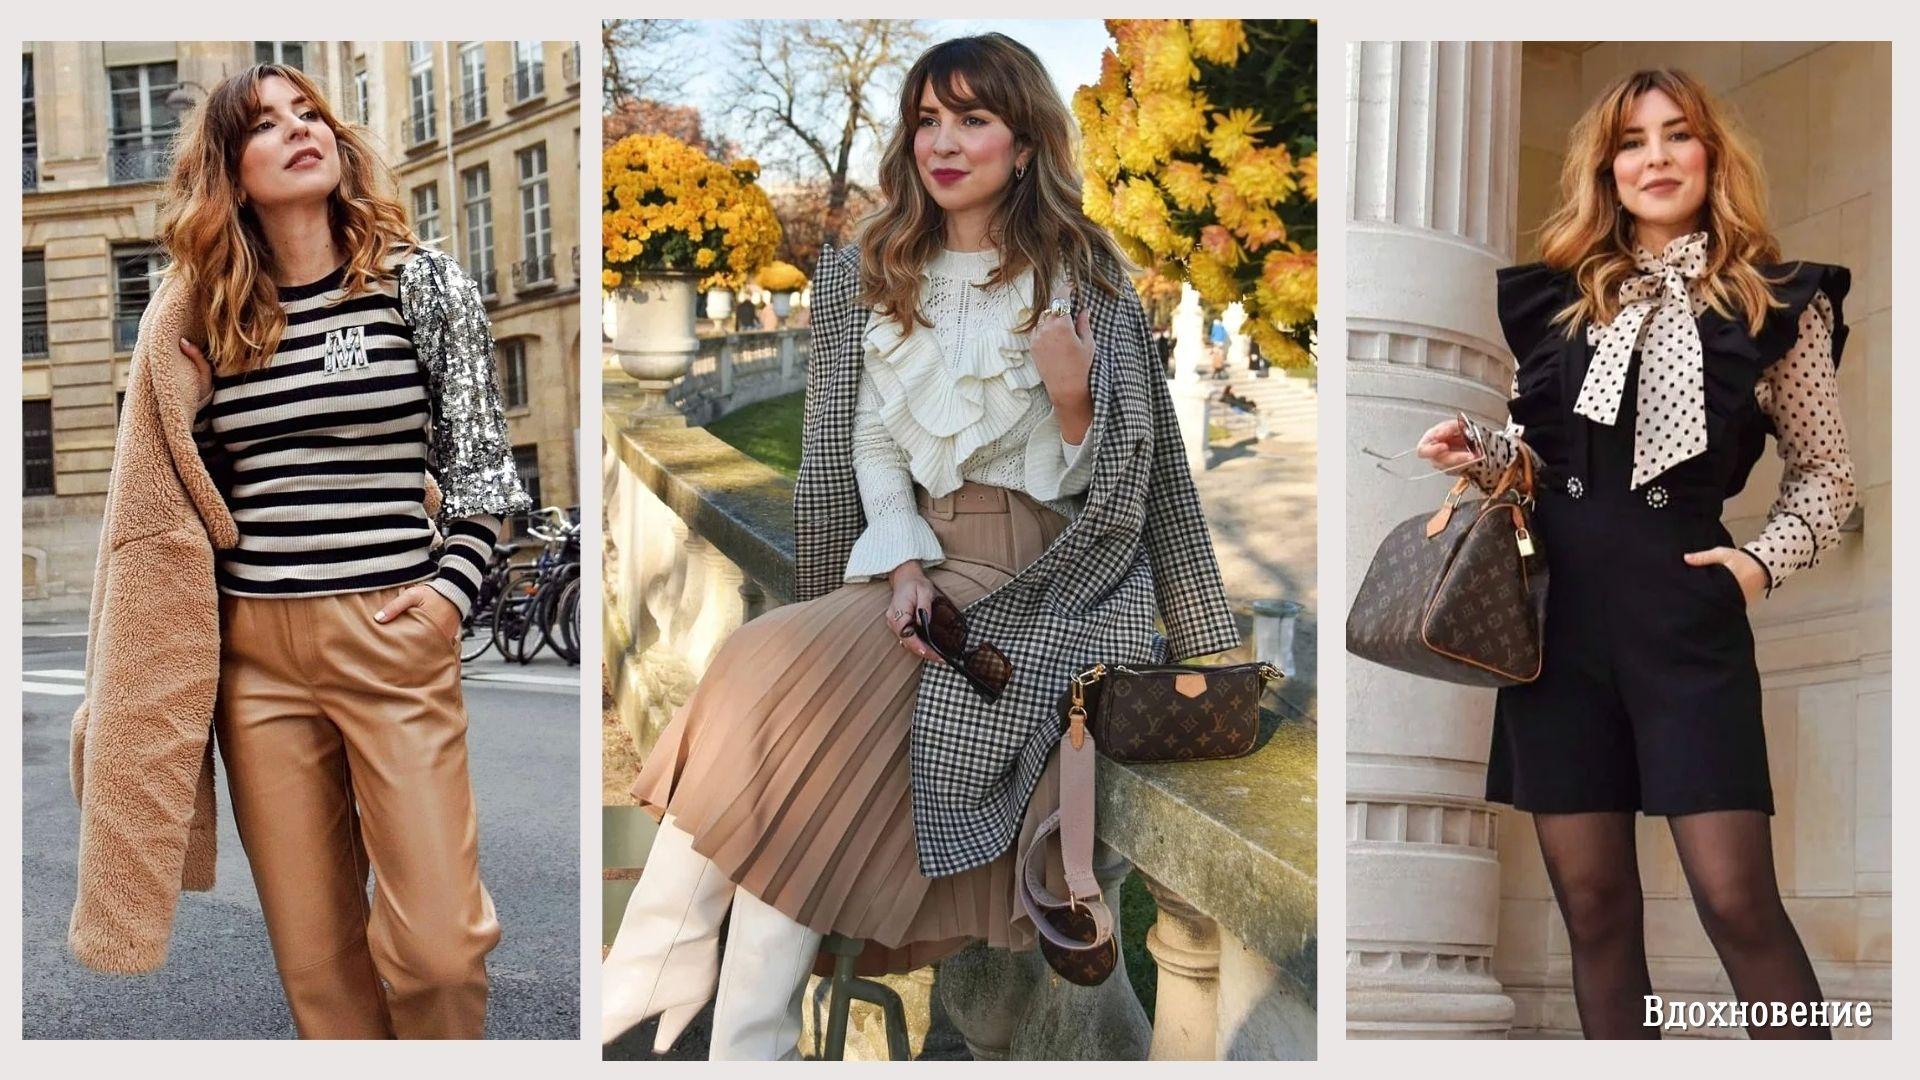 Французский шик в утонченных образы настоящей парижанки Ванессы Валентайн